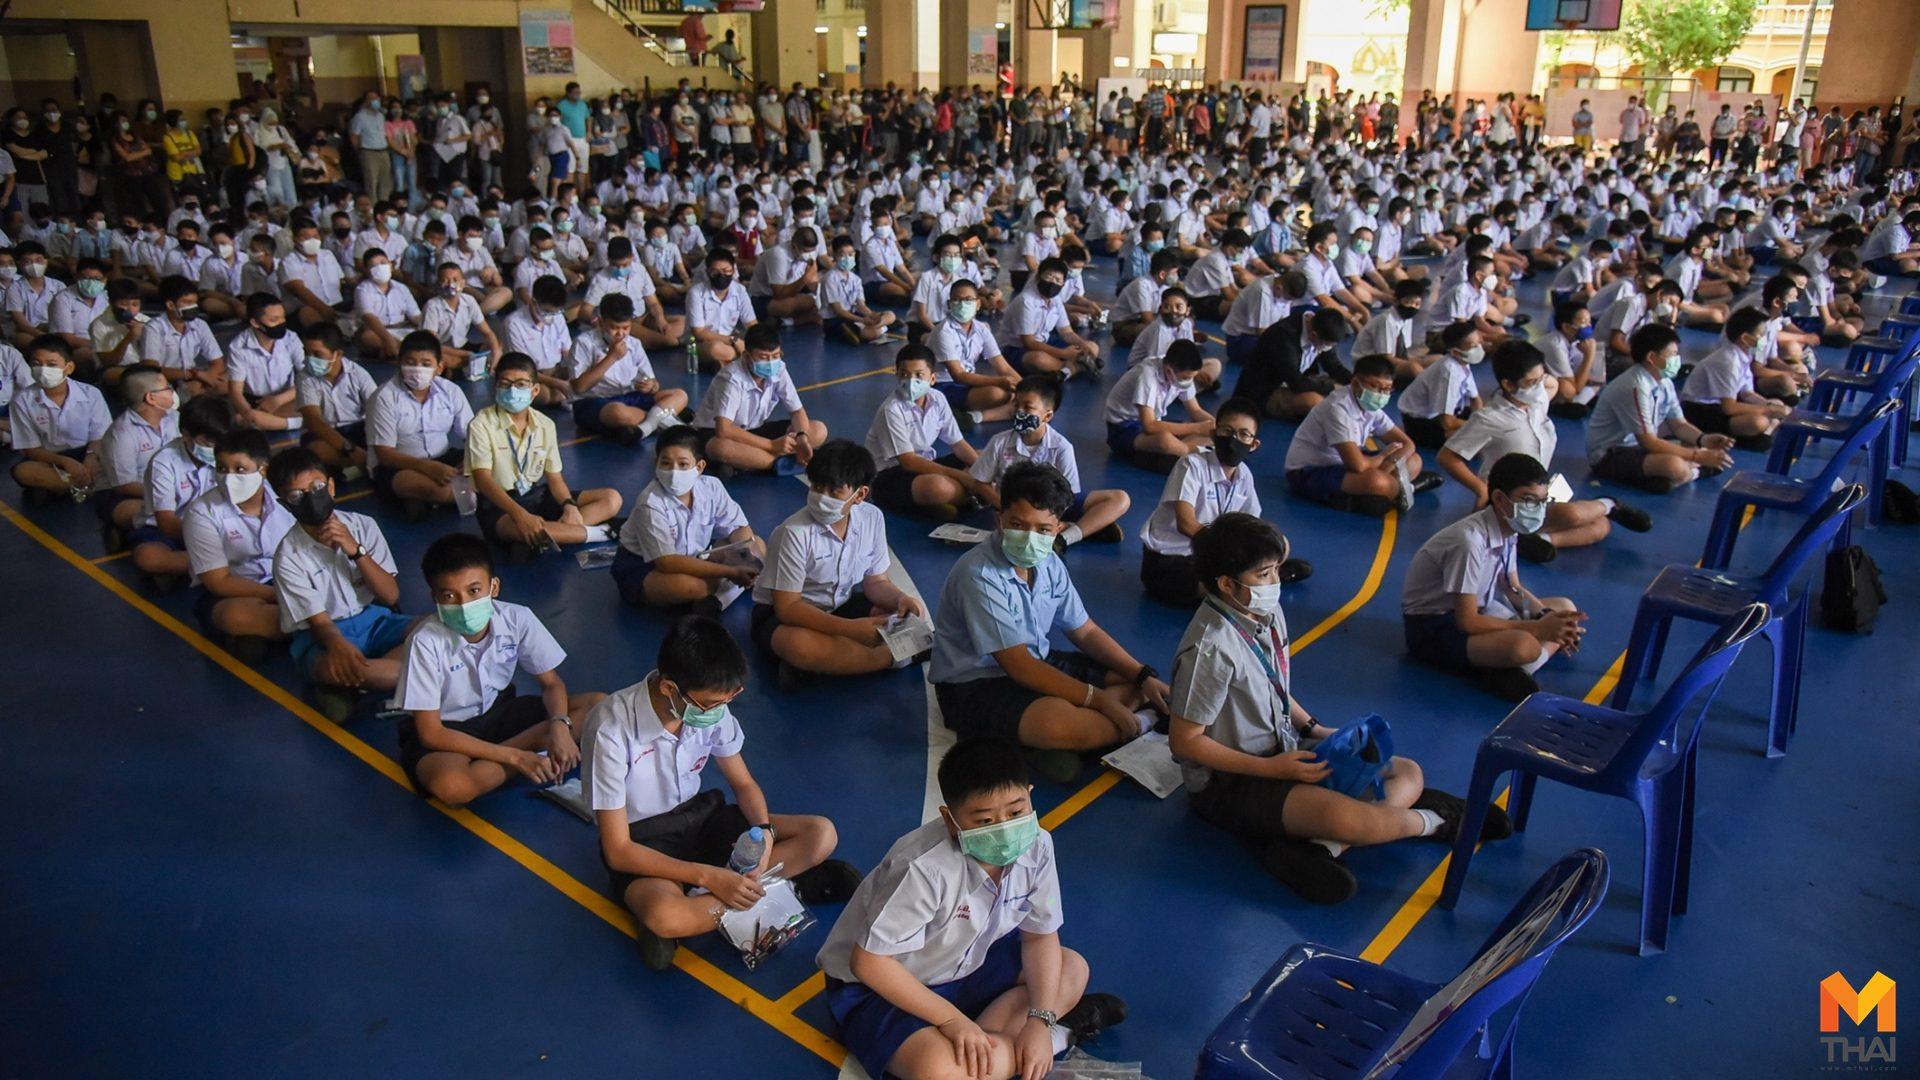 นักเรียนกว่า 1 พันคน ร่วมสอบคัดเลือกเข้า ม.1 รร.สวนกุหลาบฯ